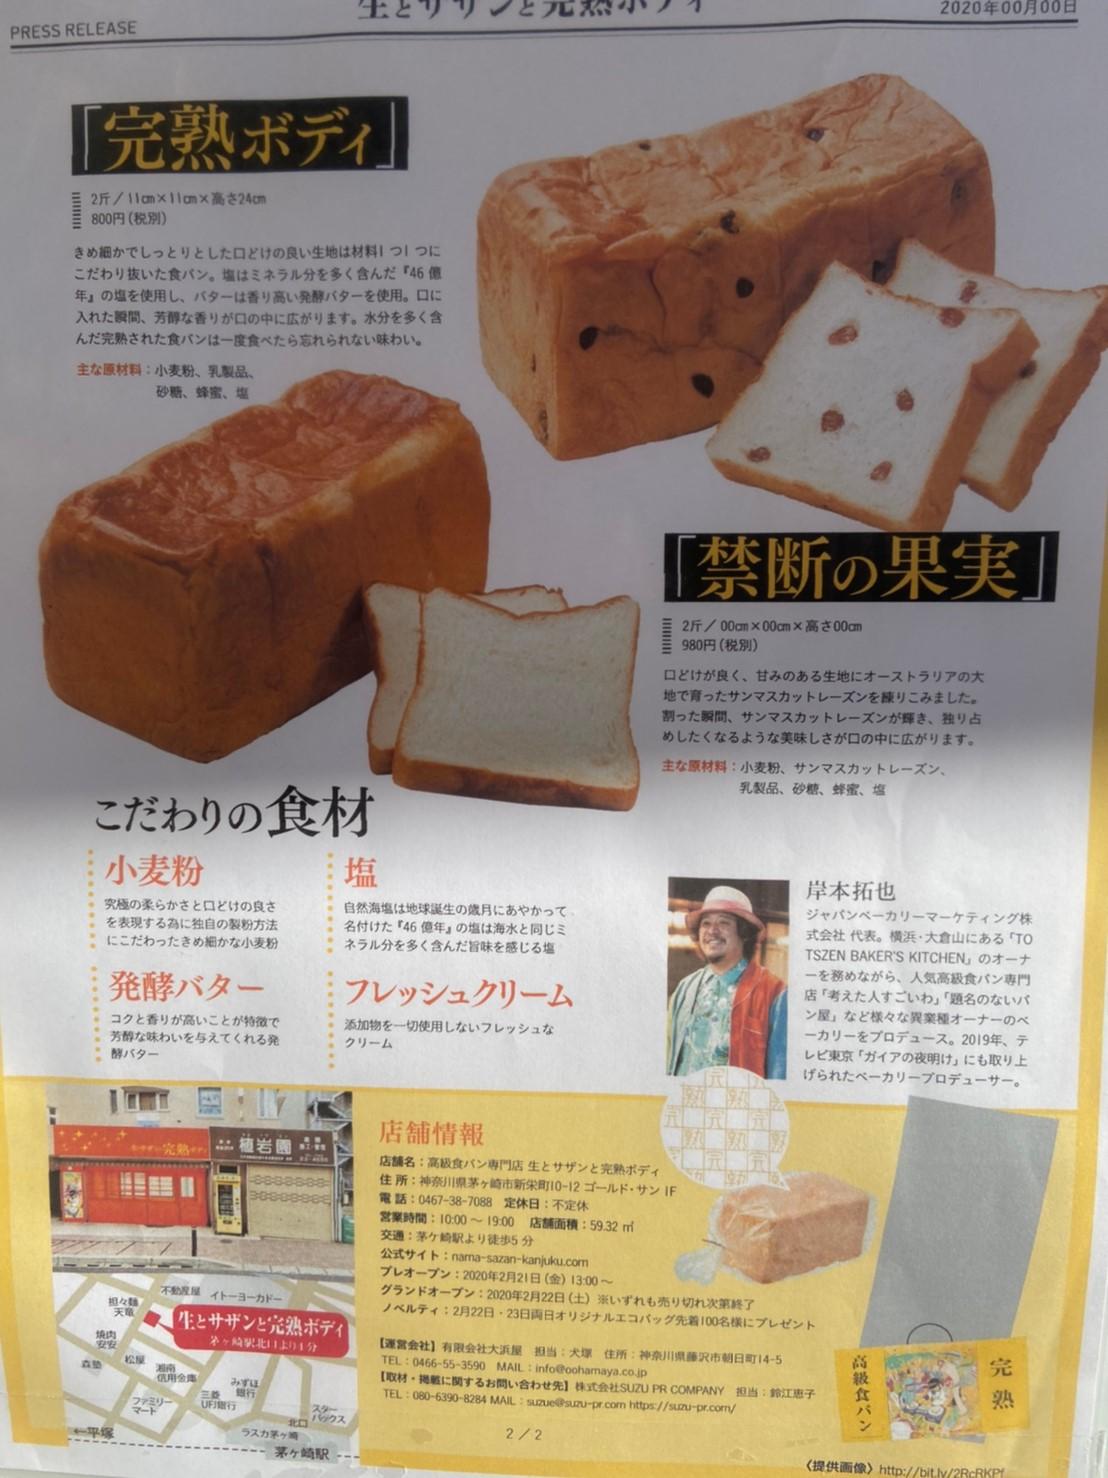 茅ヶ崎 食パン